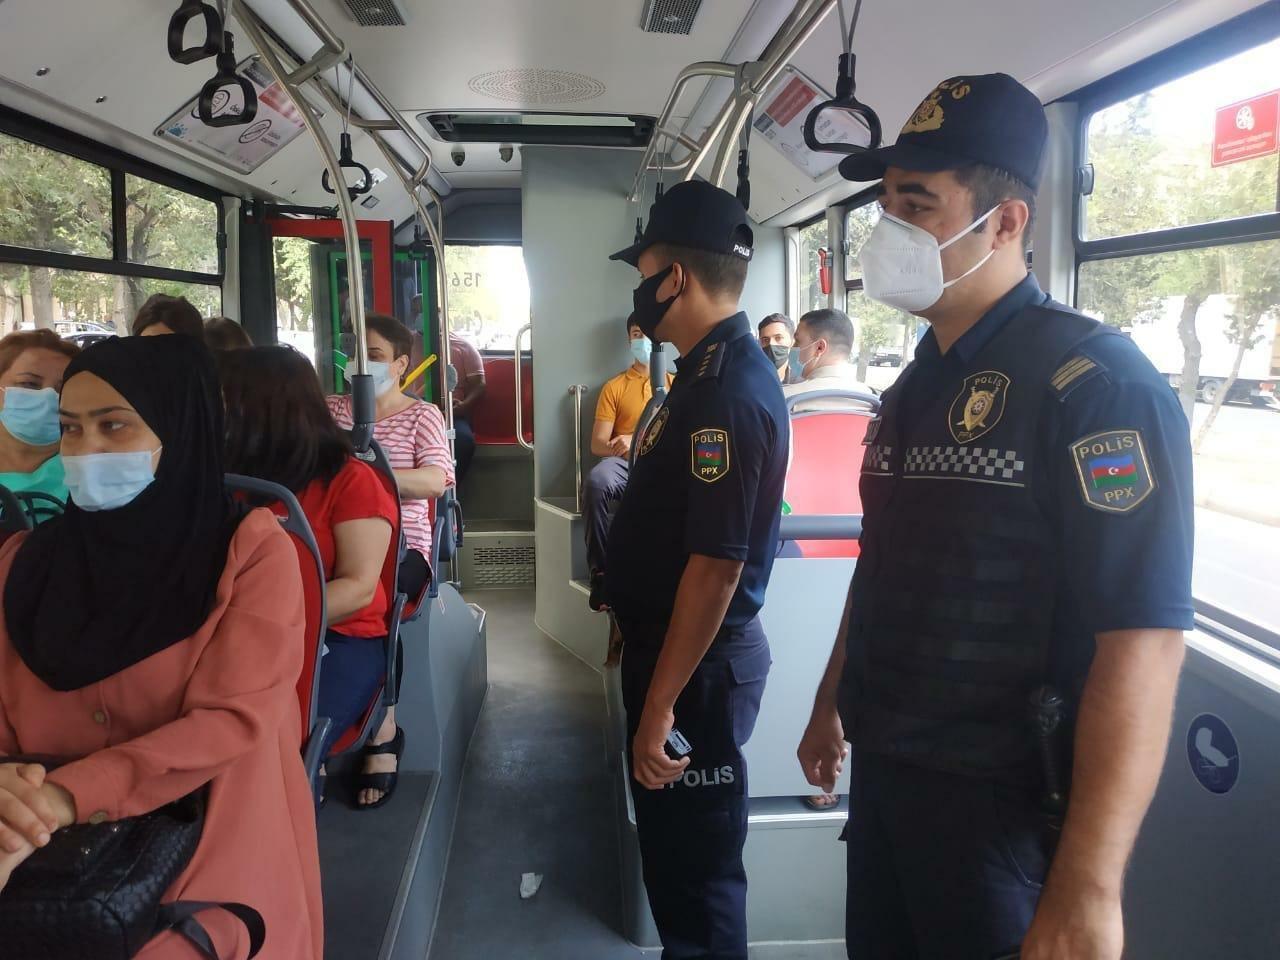 Bakı polisi daha bir reyd keçirdi - FOTO, fotoşəkil-1